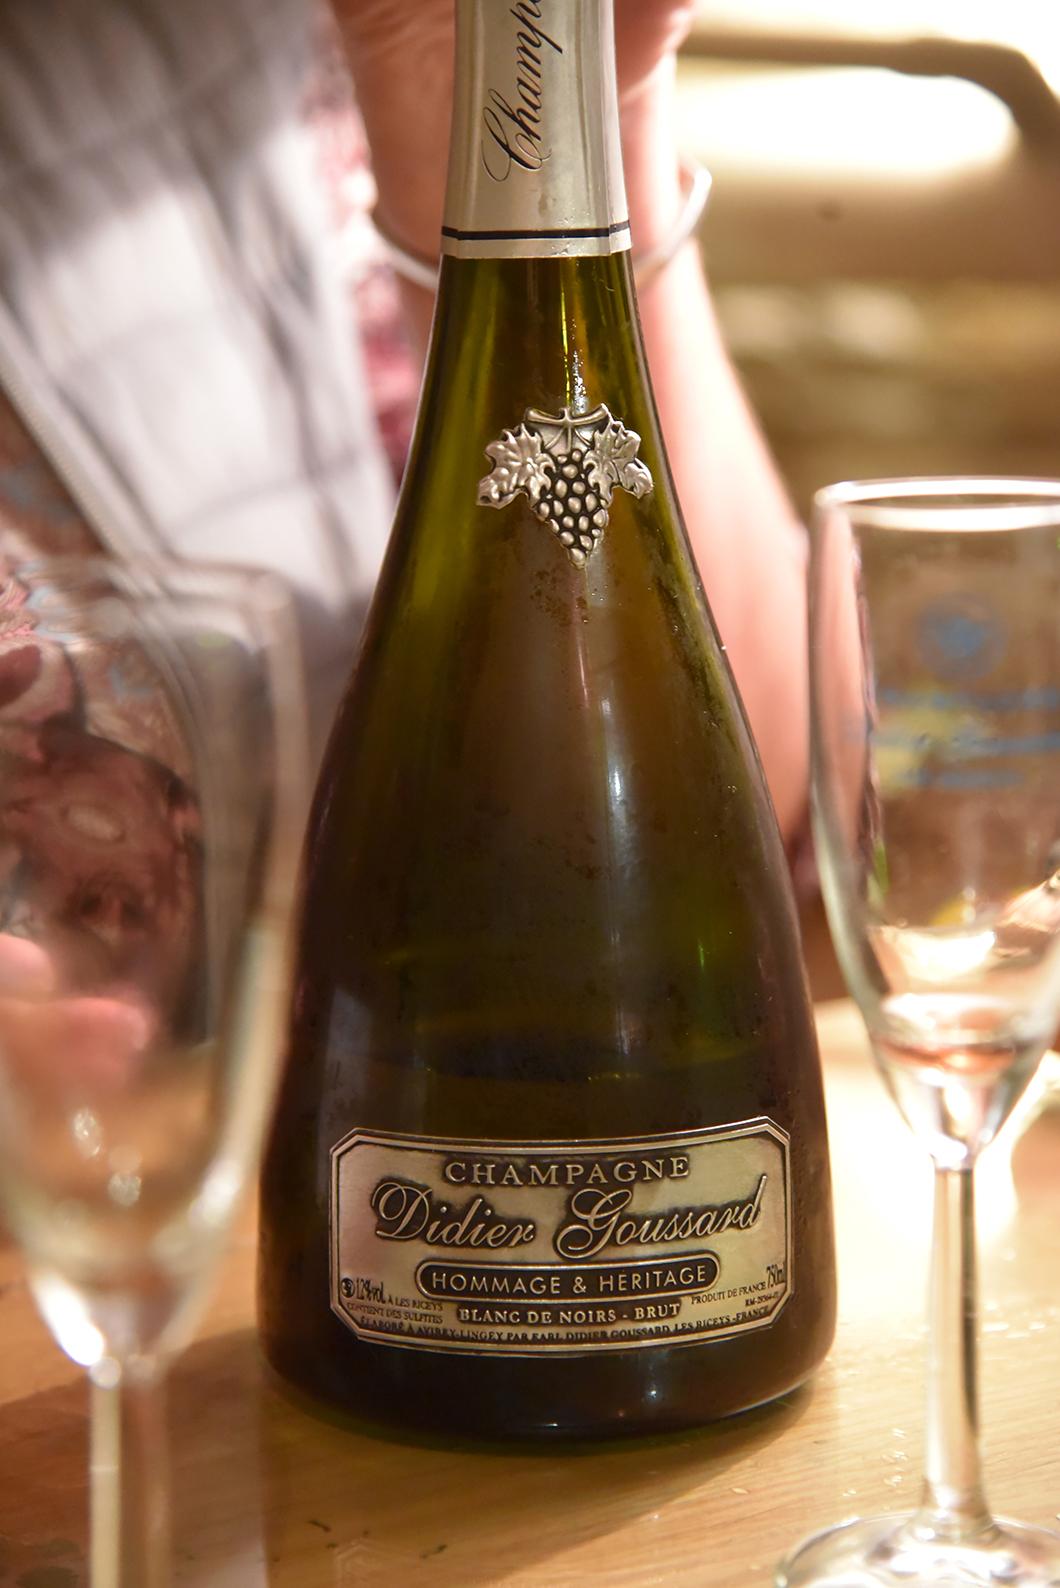 Dégorgement et dégustation chez Champagne Didier Goussard